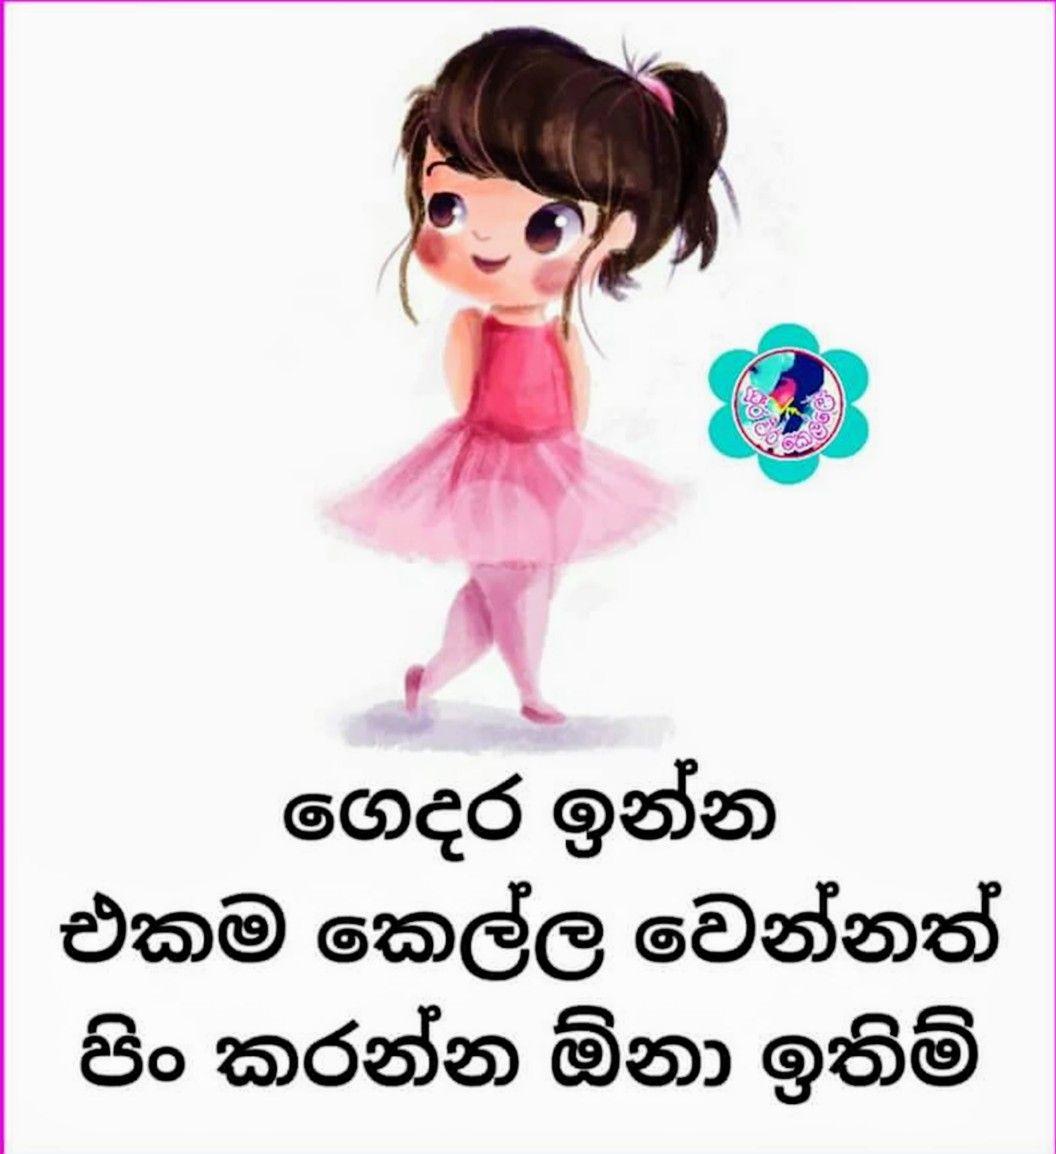 Pin By Fathi Nuuh On Sinhala Jokes Jokes Quotes Jokes Photos Friends Quotes ' sinahala photo comment ' contains sinhala photo comments pictures. jokes quotes jokes photos